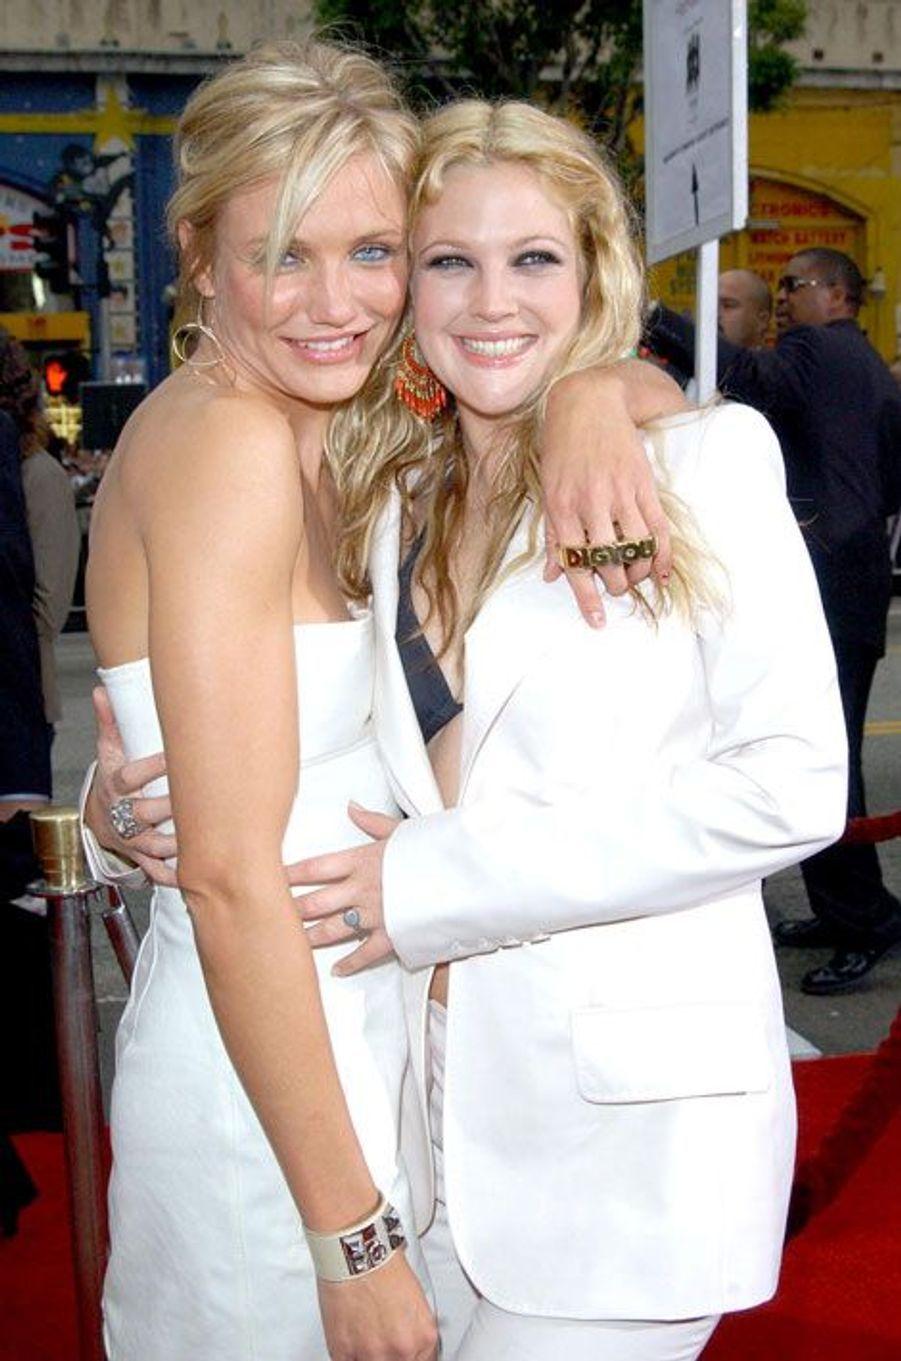 Depuis le tournage du remake de «Drôles de Dames», en 2000, Drew Barrymore et Cameron Diaz sont inséparables. C'est même la dernière qui a organisé la baby shower de sa copine lors de sa première grossesse.